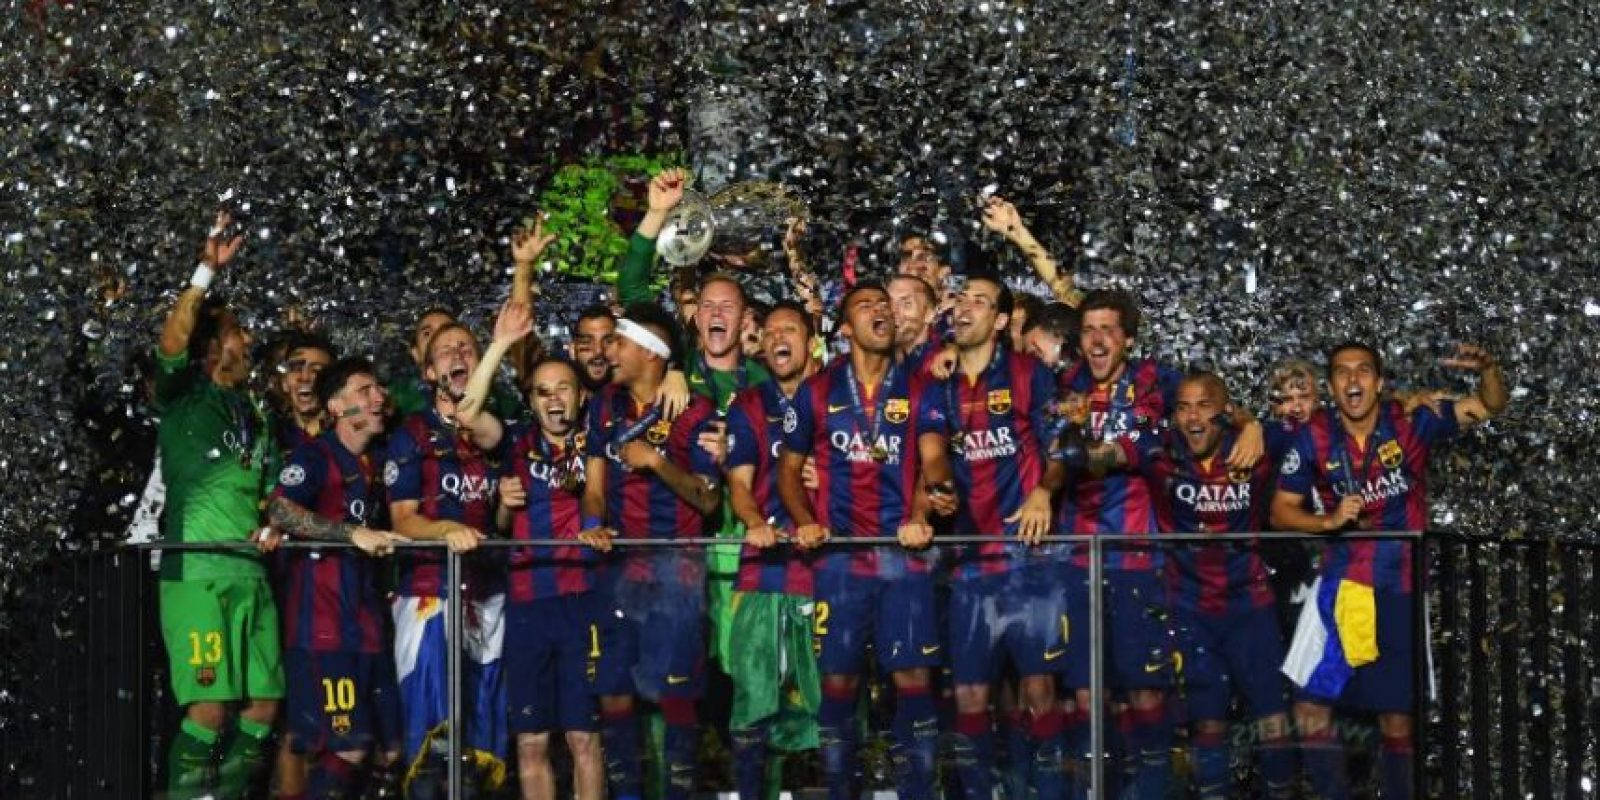 Barcelona (España)-5 títulos: 1992, 2006, 2009, 2011, 2015 Foto:Getty Images